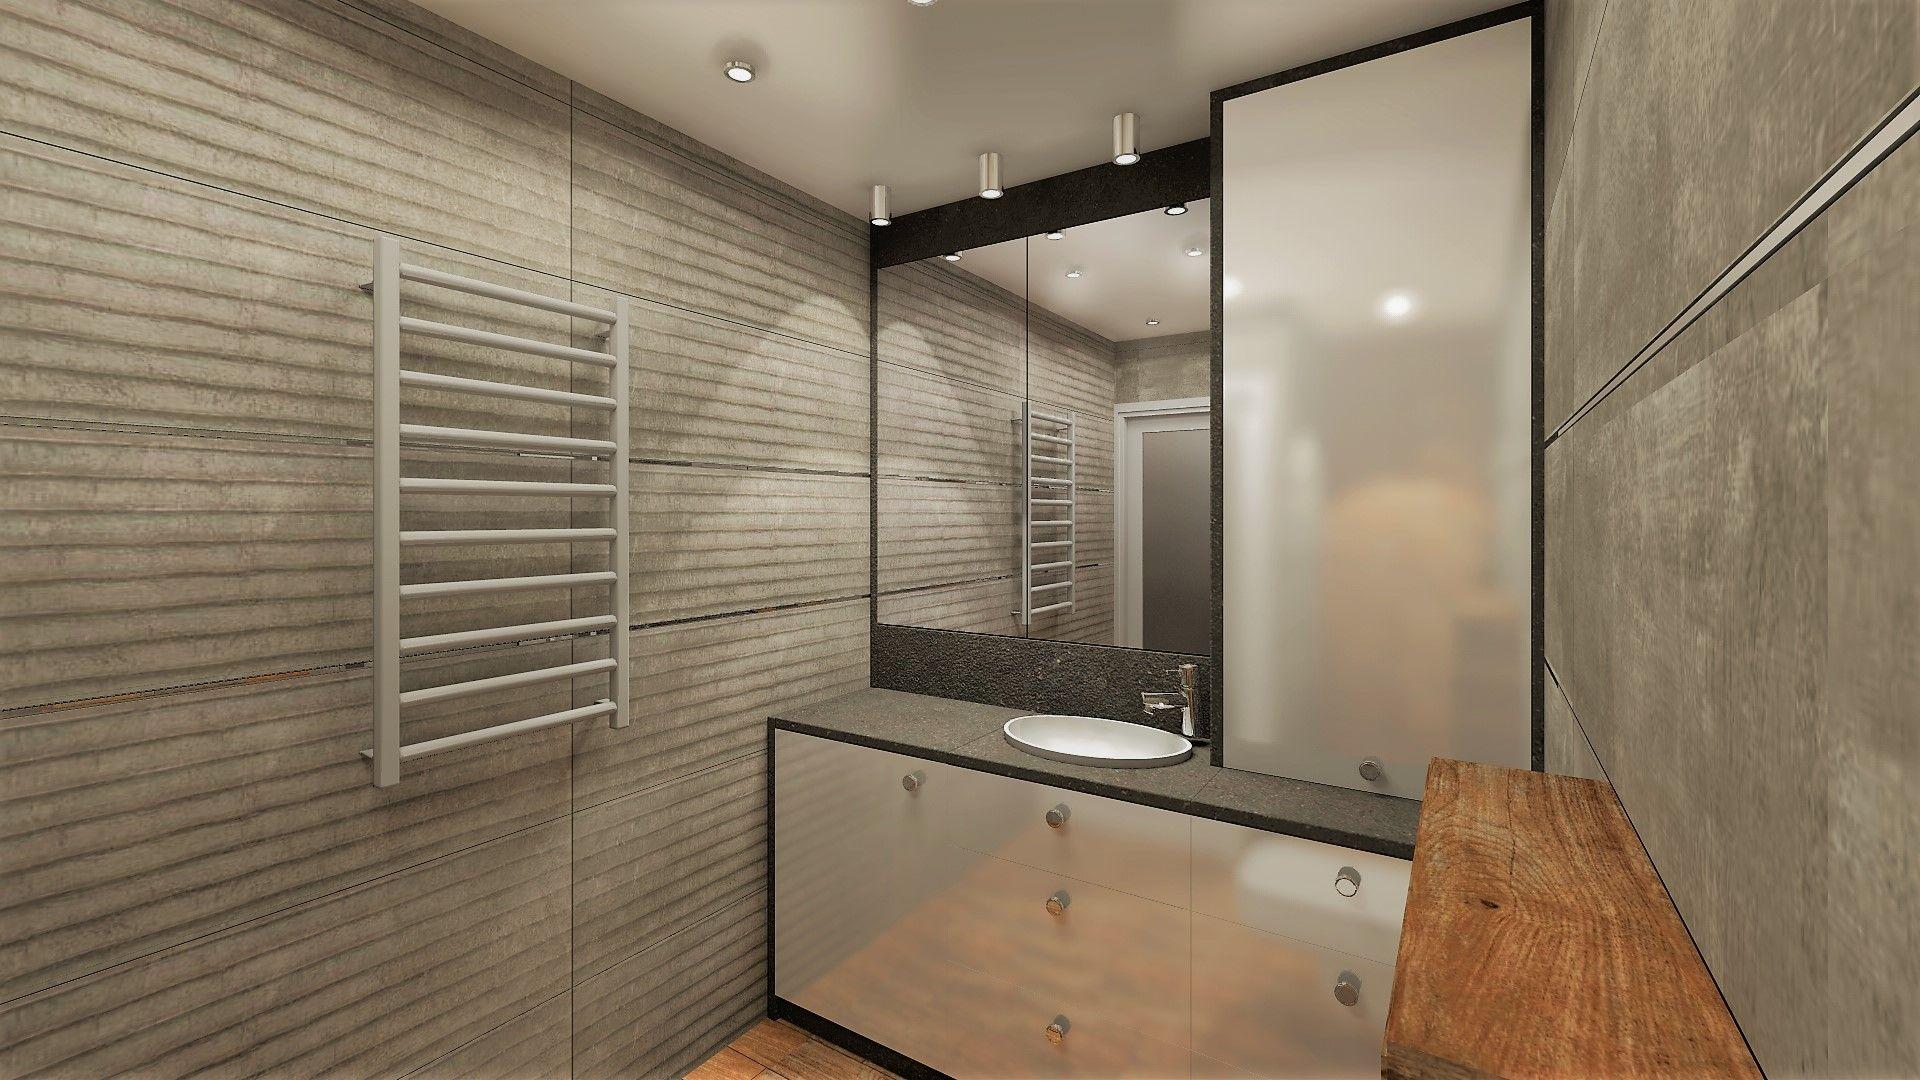 Projekt łazienki z zastosowaniem płytek imitujących beton #baldocer